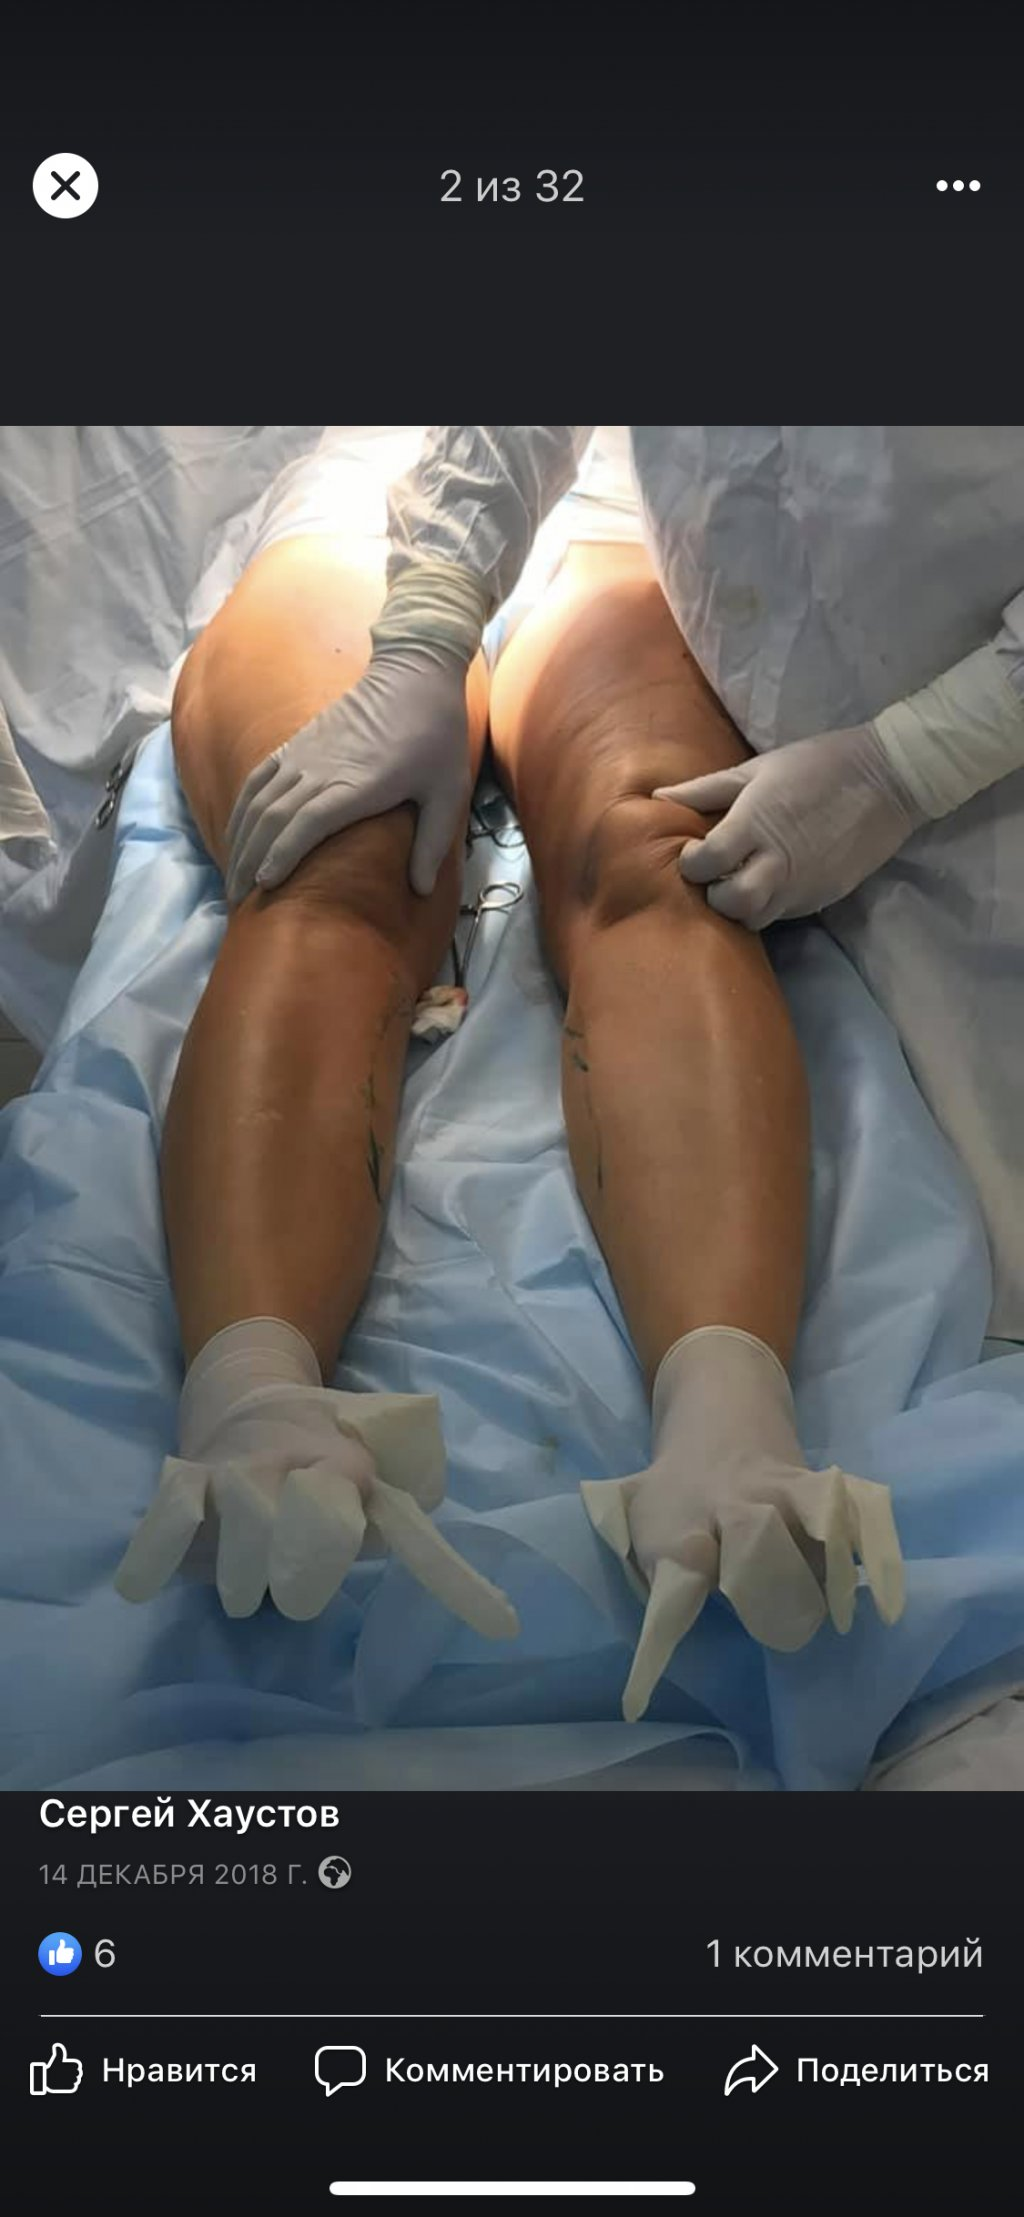 Клиника пластической хирургии Хаустова С.А. - Правдивые отзывы удаляются